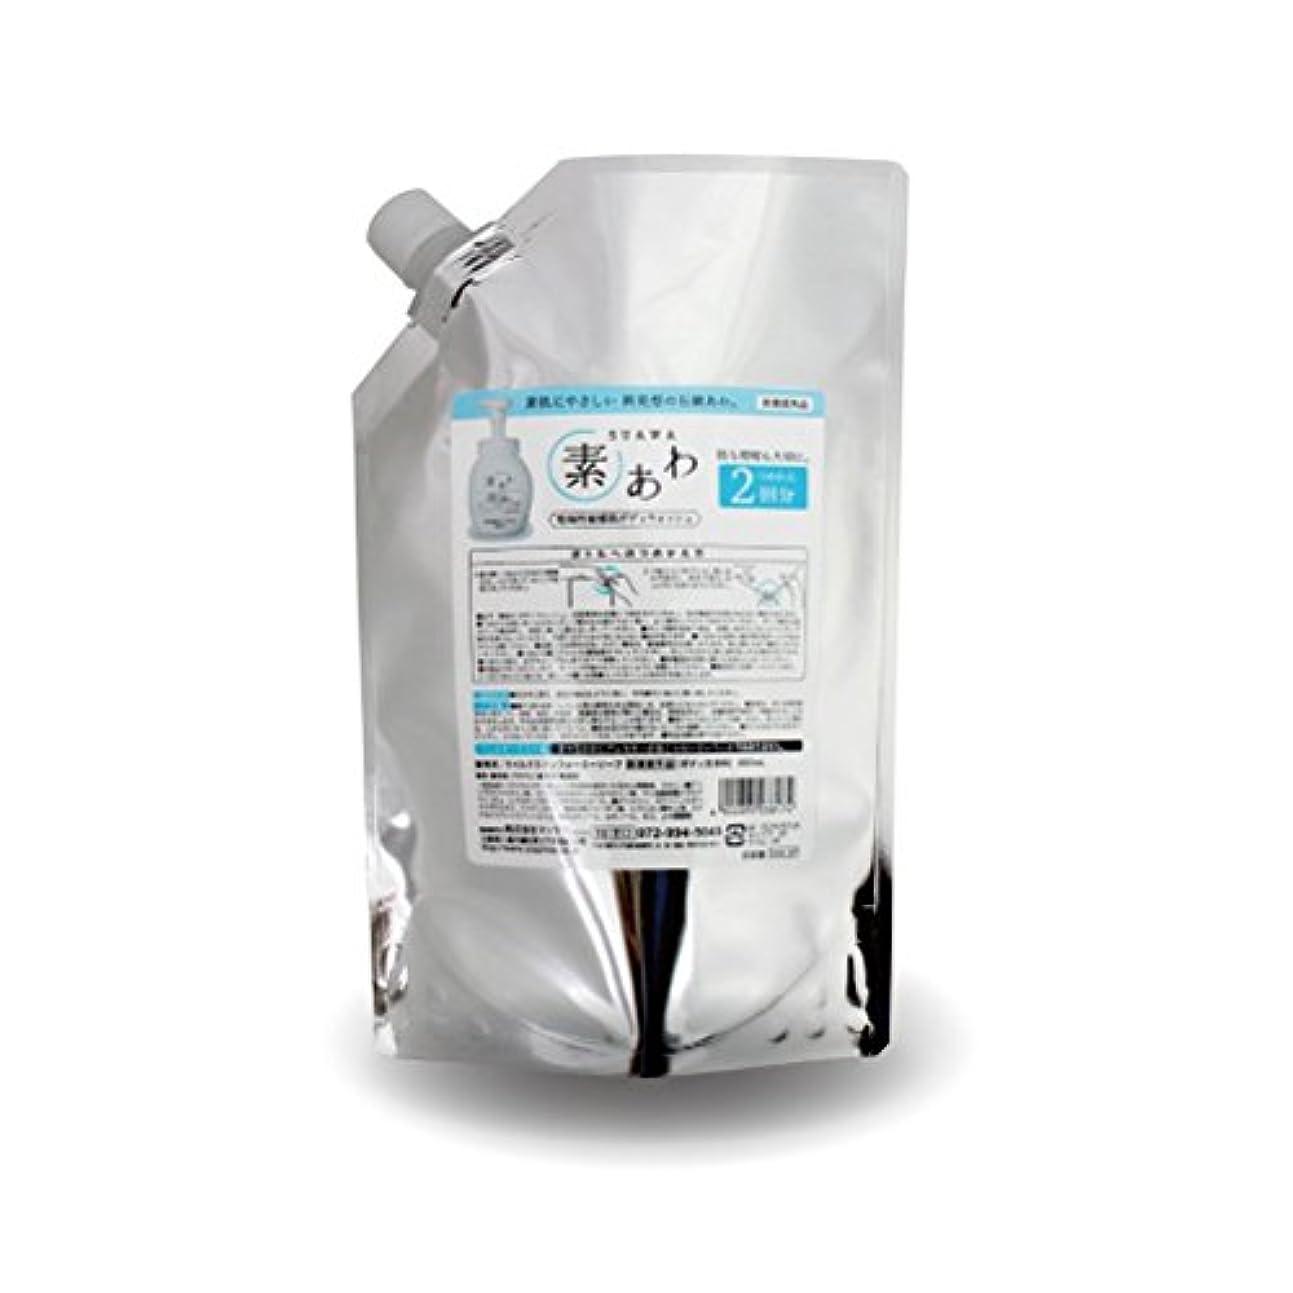 クスクスつぶす摩擦薬用 素あわ 泡タイプ ボディソープ 詰替2回分パウチ 800mL 乾 燥 肌 ? 敏 感 肌 に